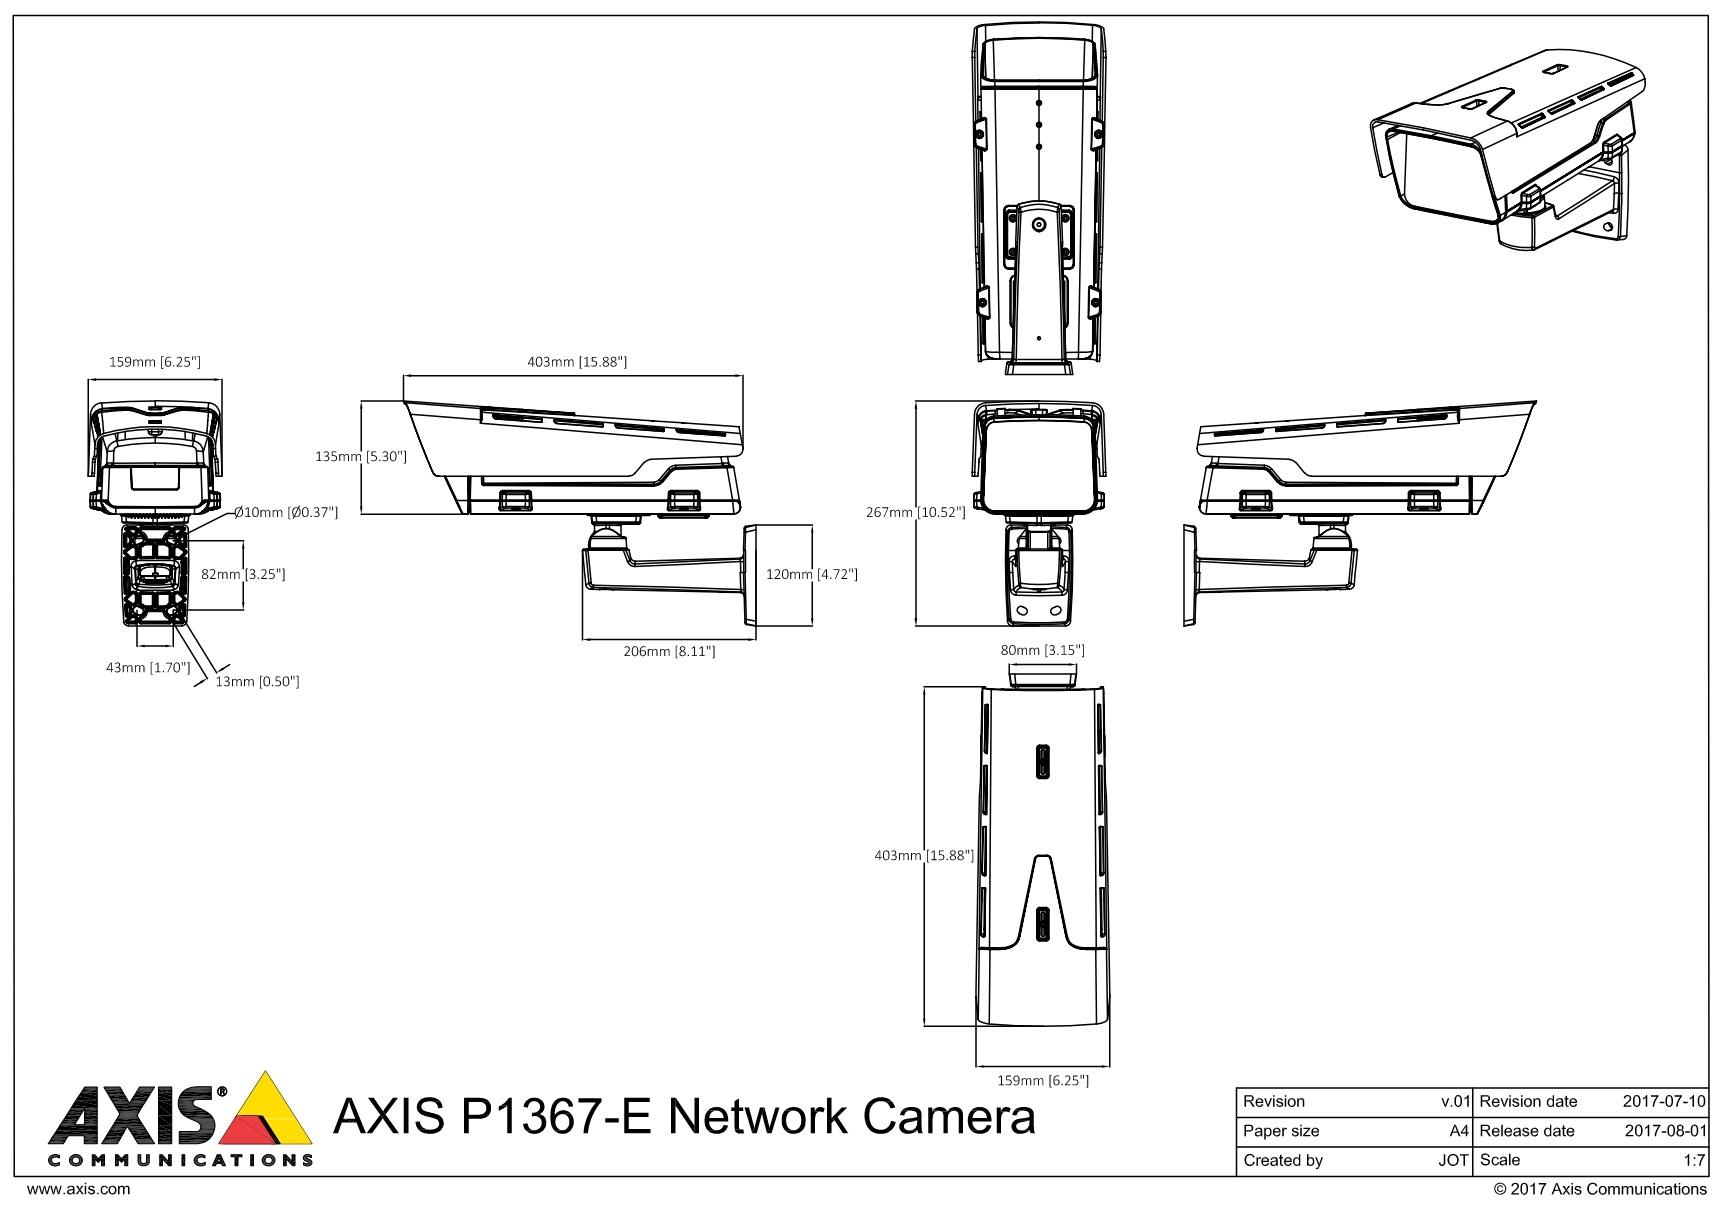 P1367-E Dimensions